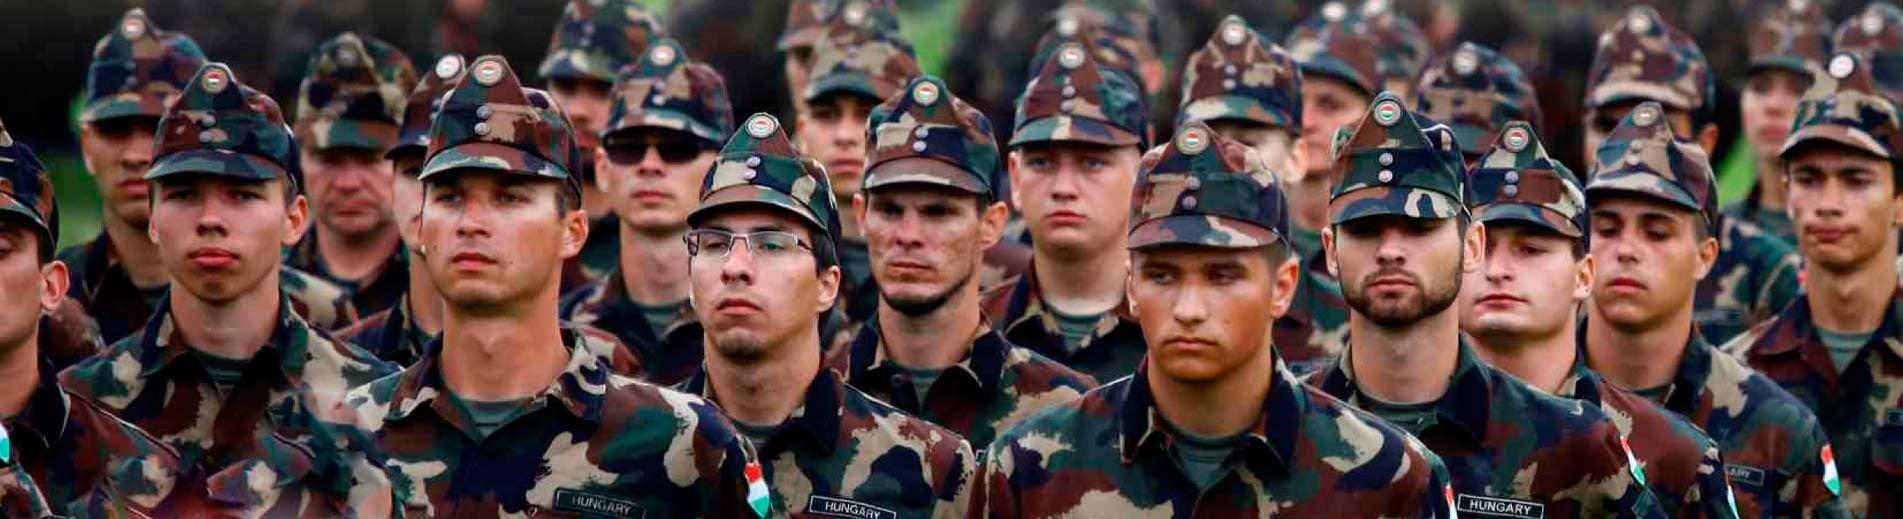 Honvédelmi Napot tartanak a Kaposvári Egyetem